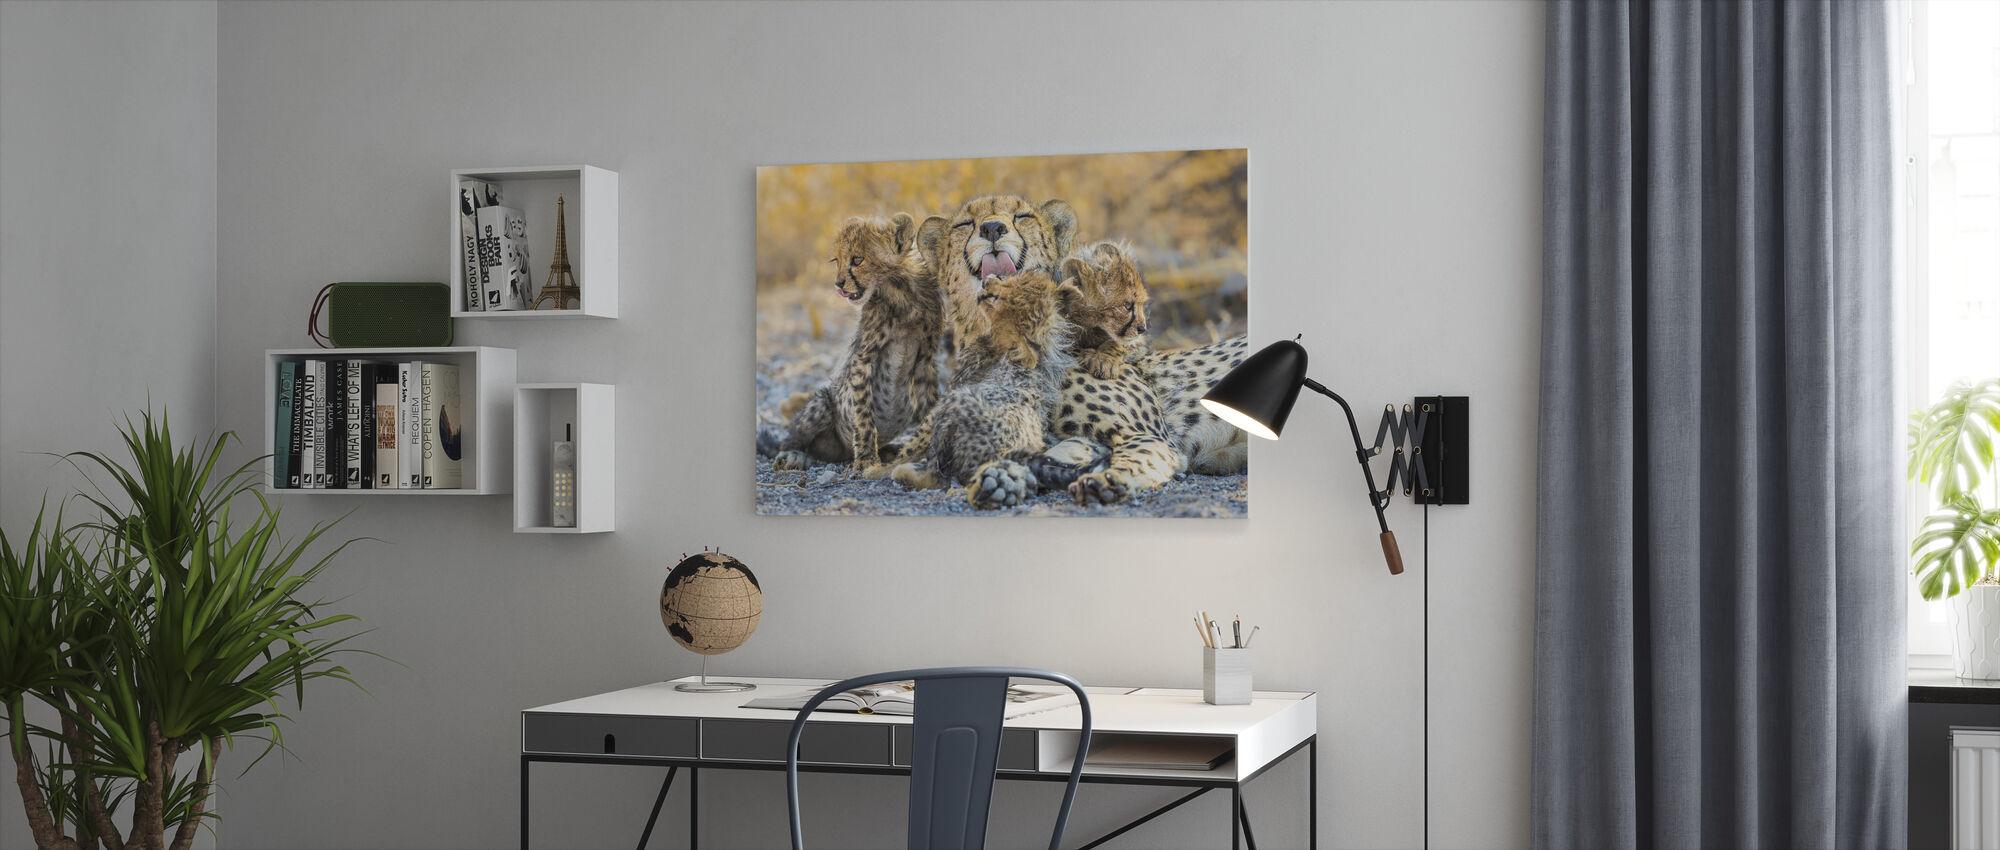 Schoonmaaktijd - Canvas print - Kantoor